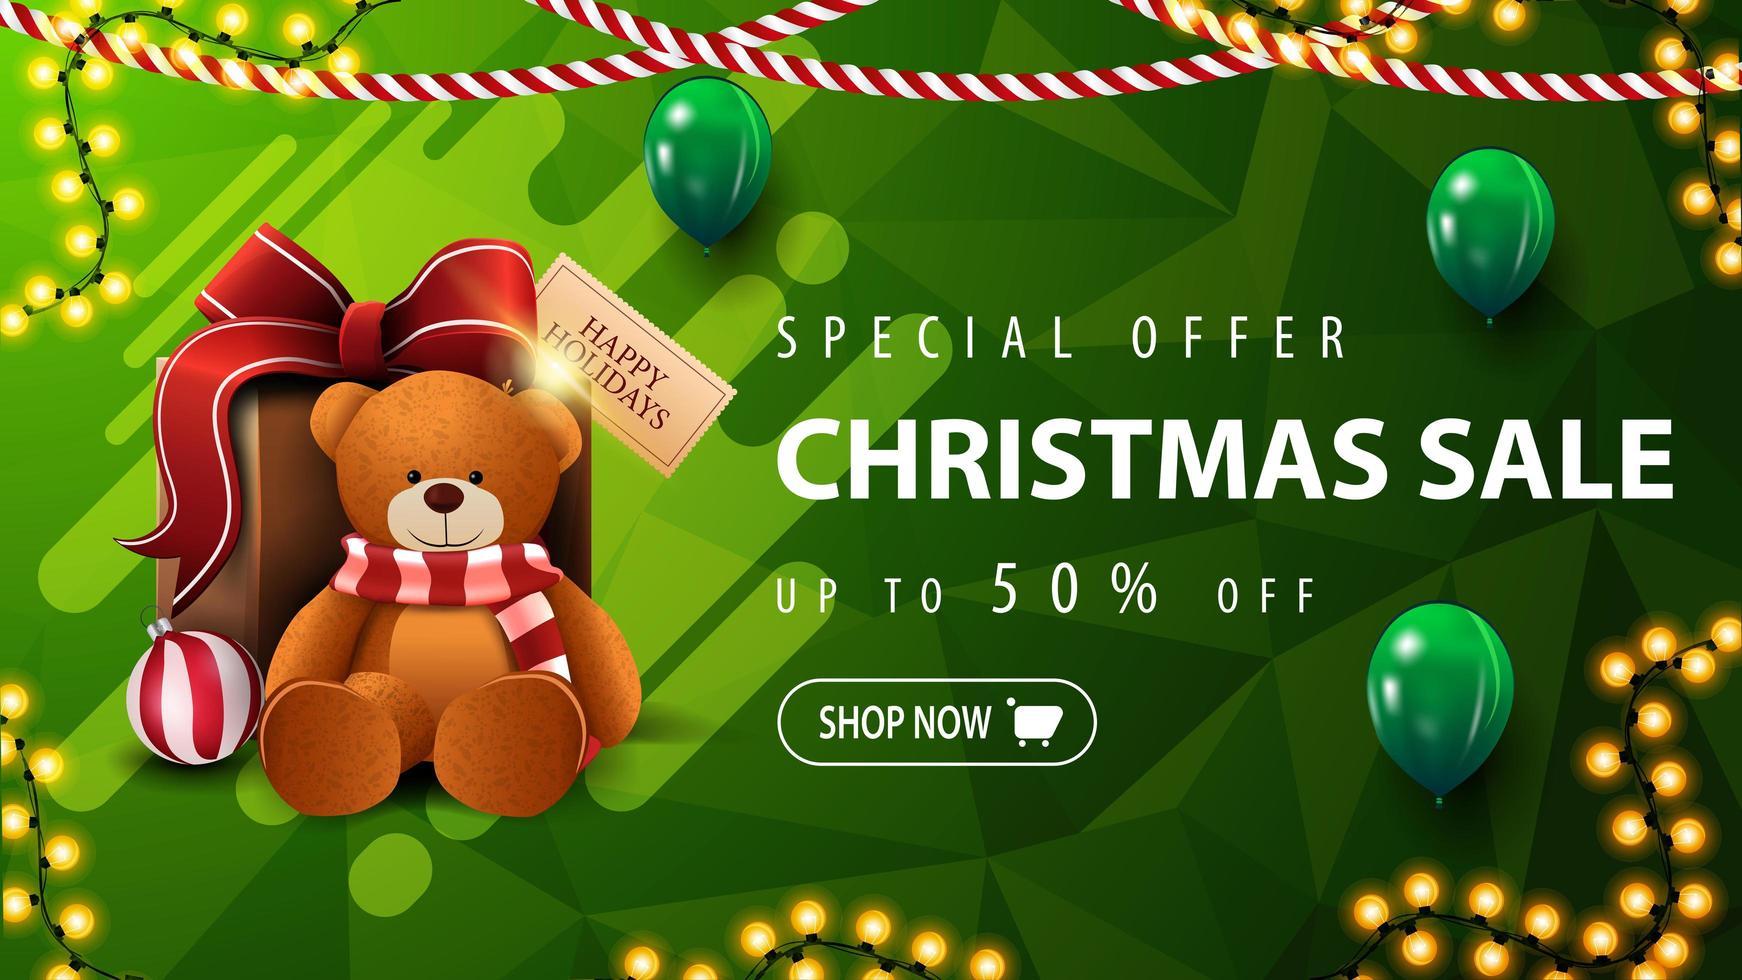 specialerbjudande, julförsäljning, upp till 50 rabatt, vacker grön rabattbanner med polygonal konsistens, kransar, gröna ballonger och närvarande med nallebjörn vektor